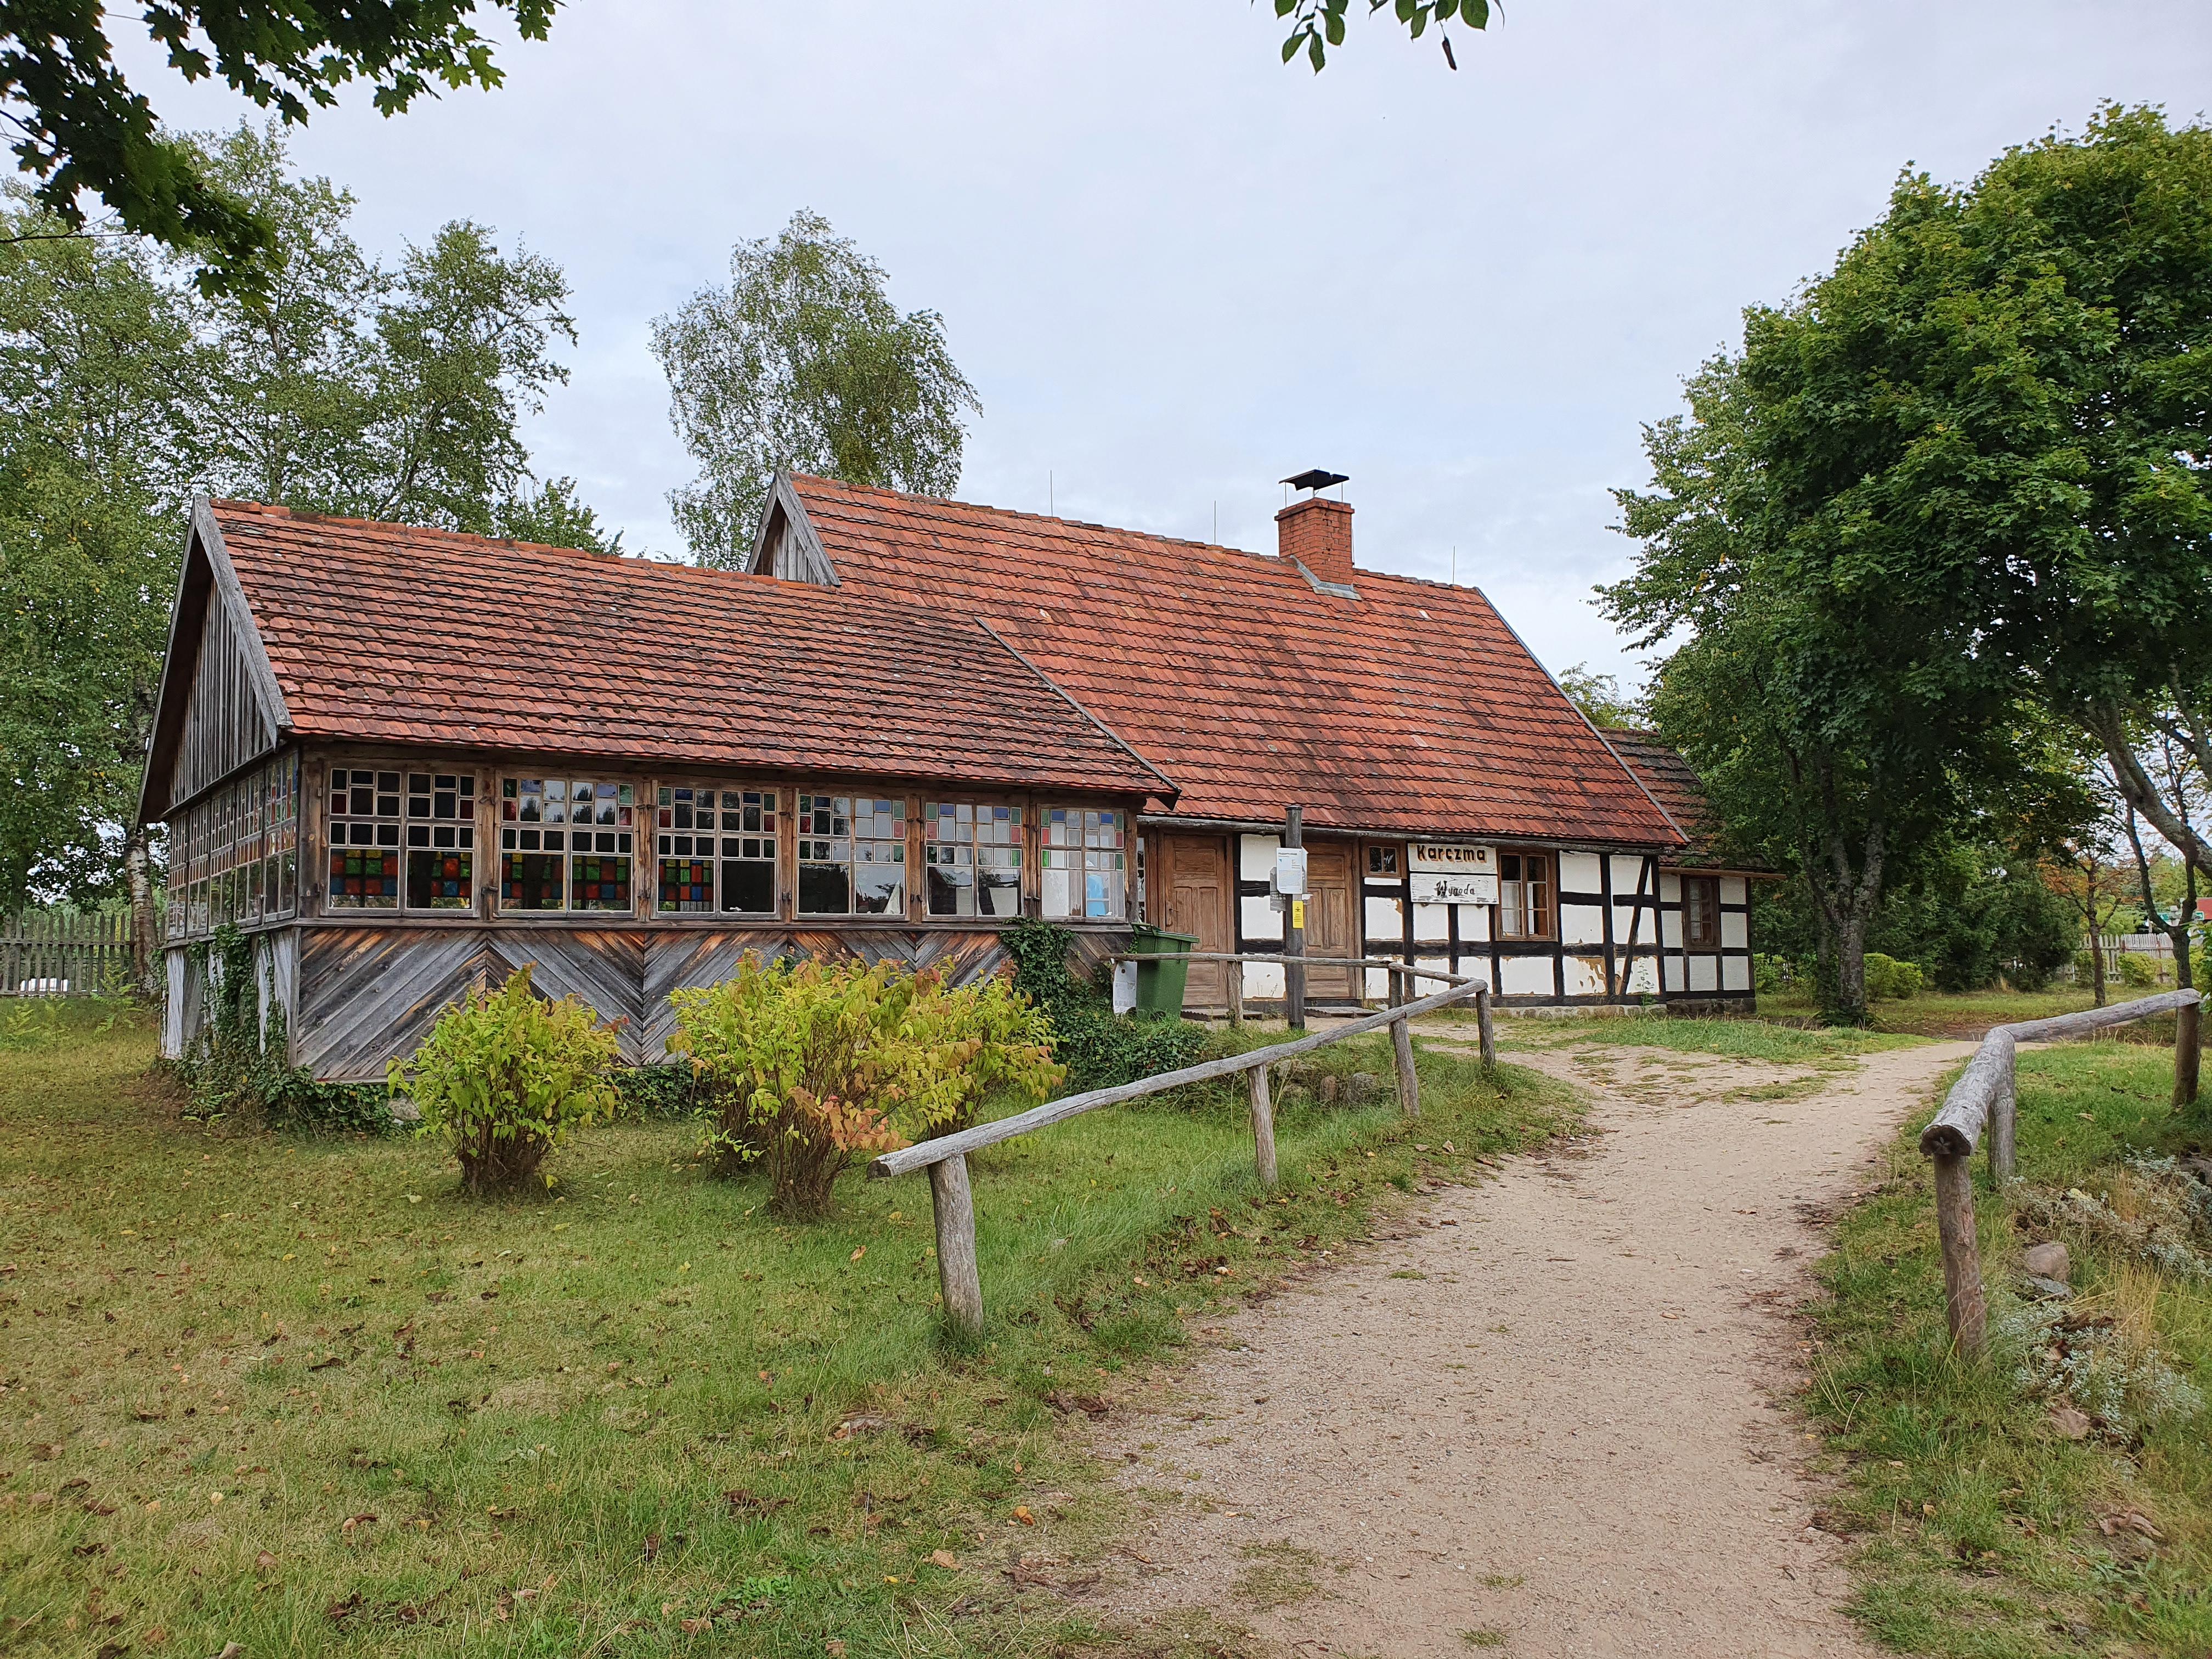 בקתה כפרית המשמשת כמסעדה